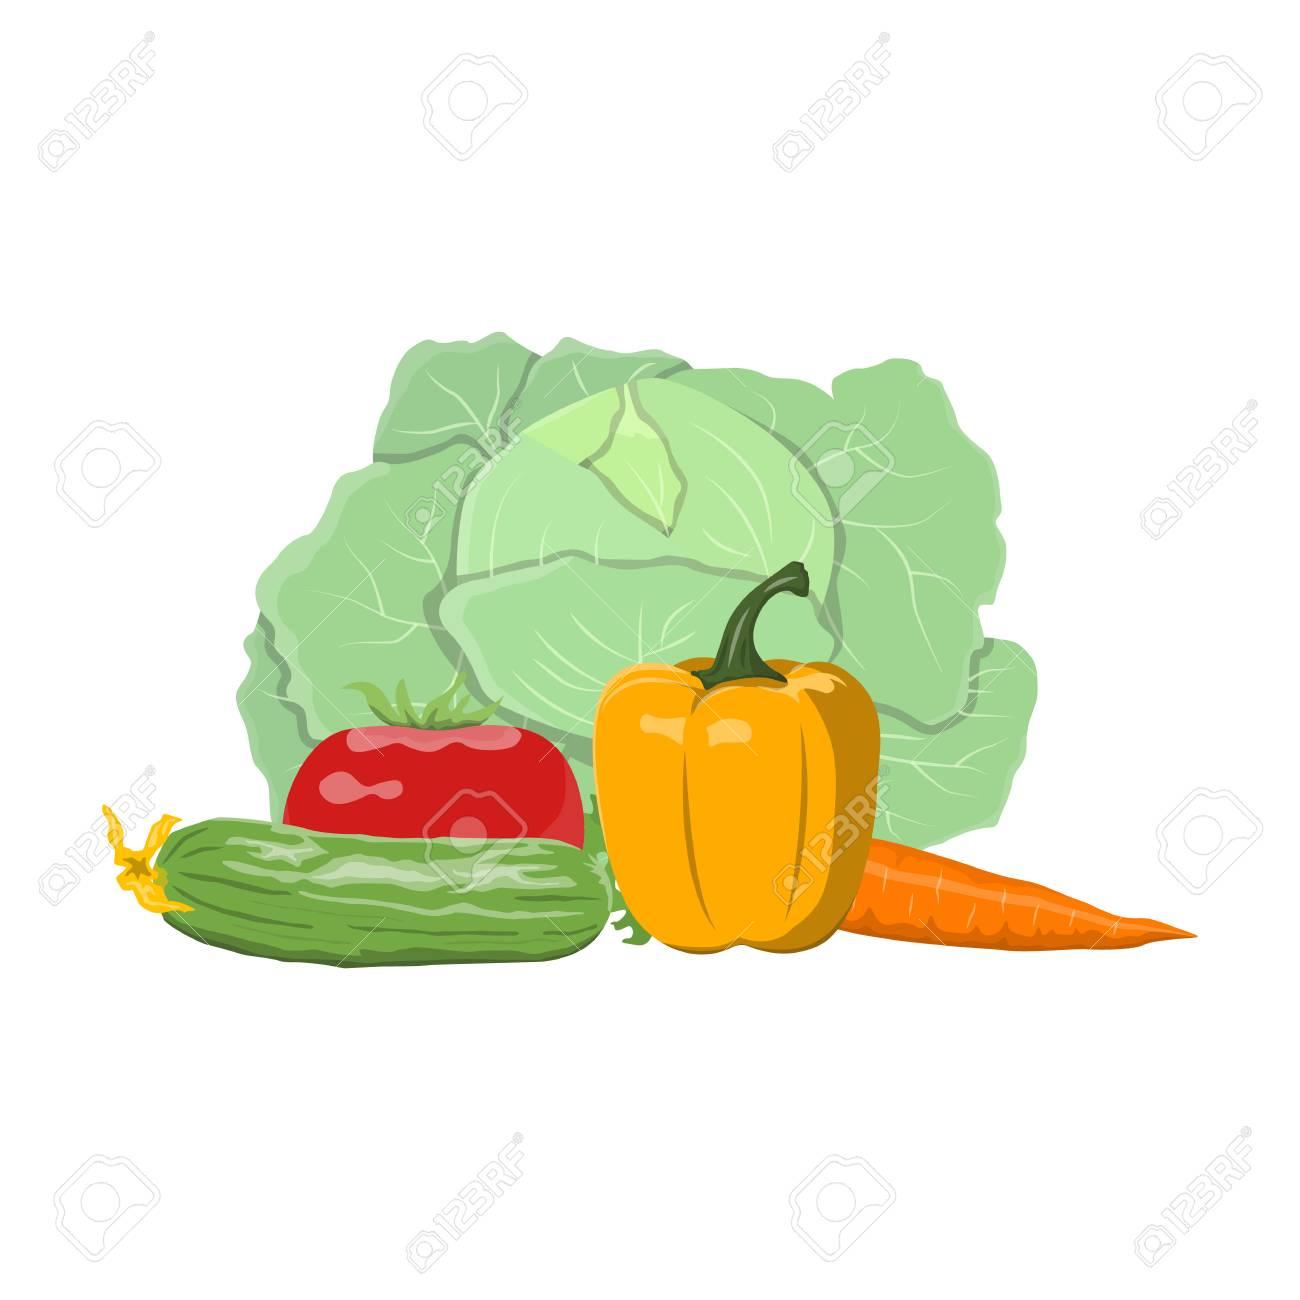 新鮮な野菜はベクトル イラスト背景白に設定します。健康的な食品と